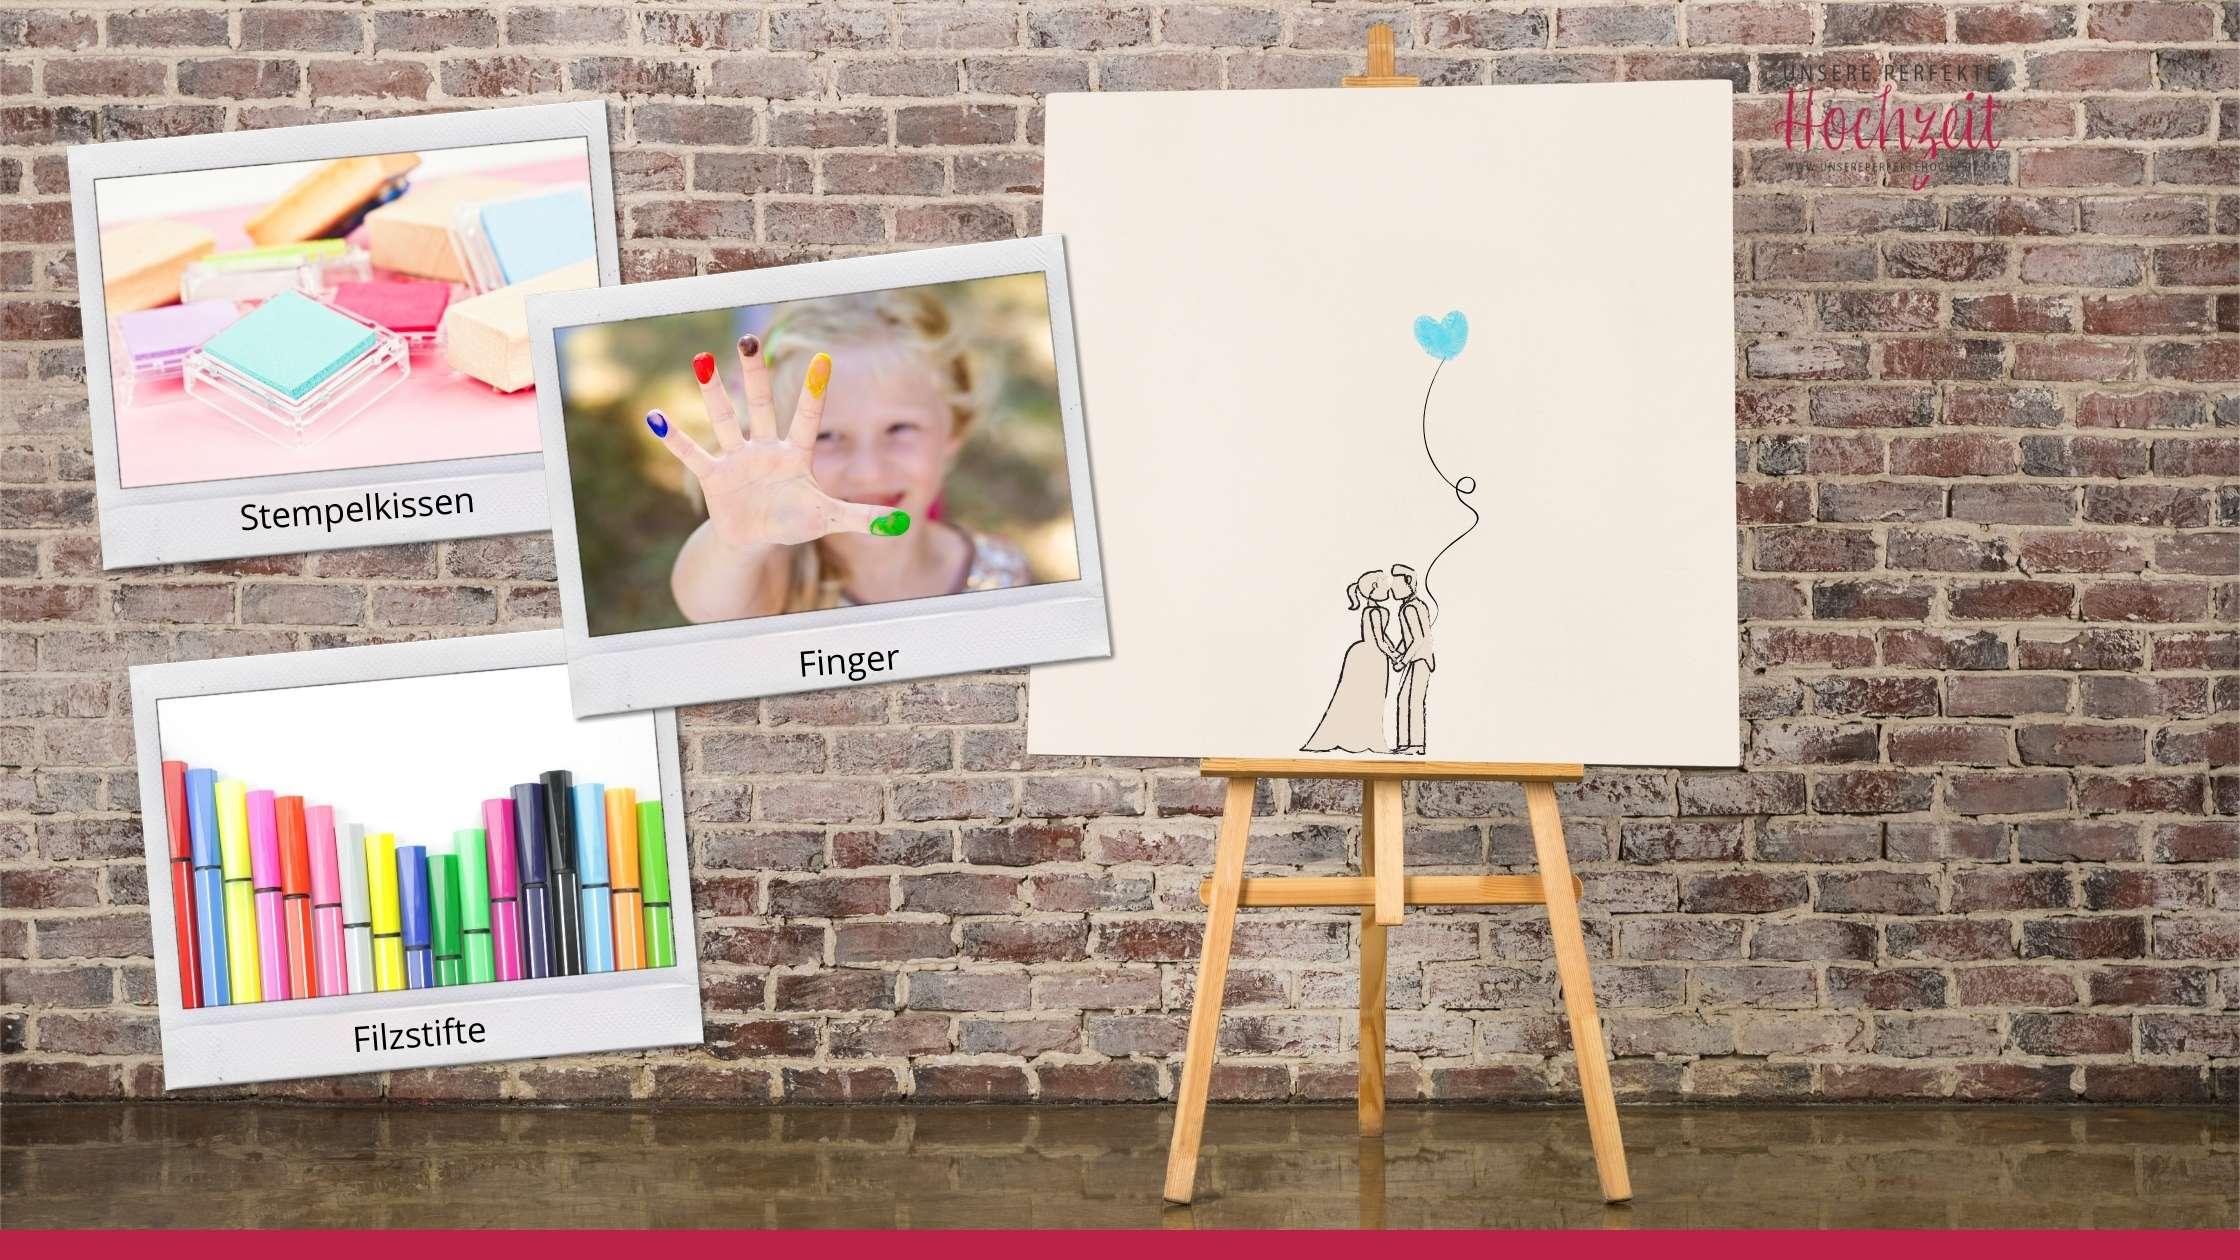 Unsere perfekte Hochzeit - Die 5 schönsten Gästebuch Ideen - Fingerabdruck-Bilder